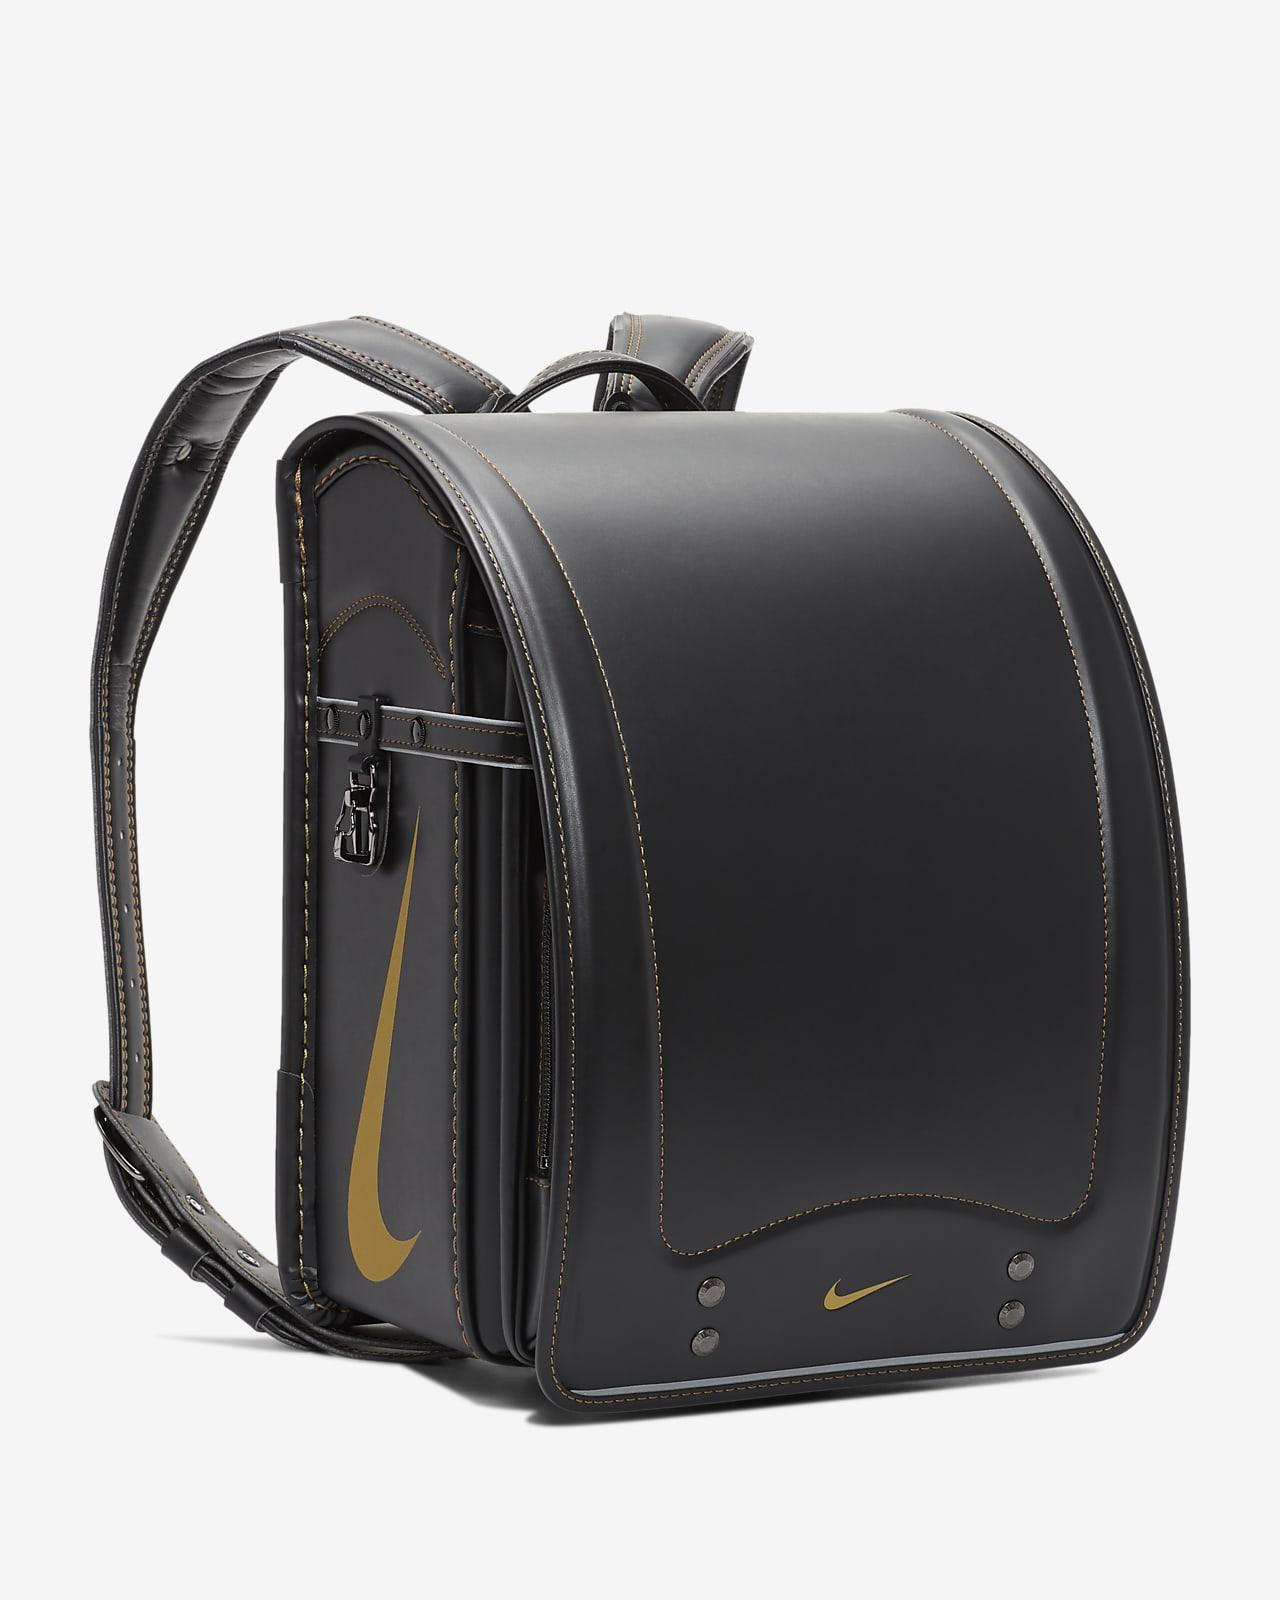 ナイキ ランドセル キッズバックパック (Nike.com/Nikeアプリ限定カラー)